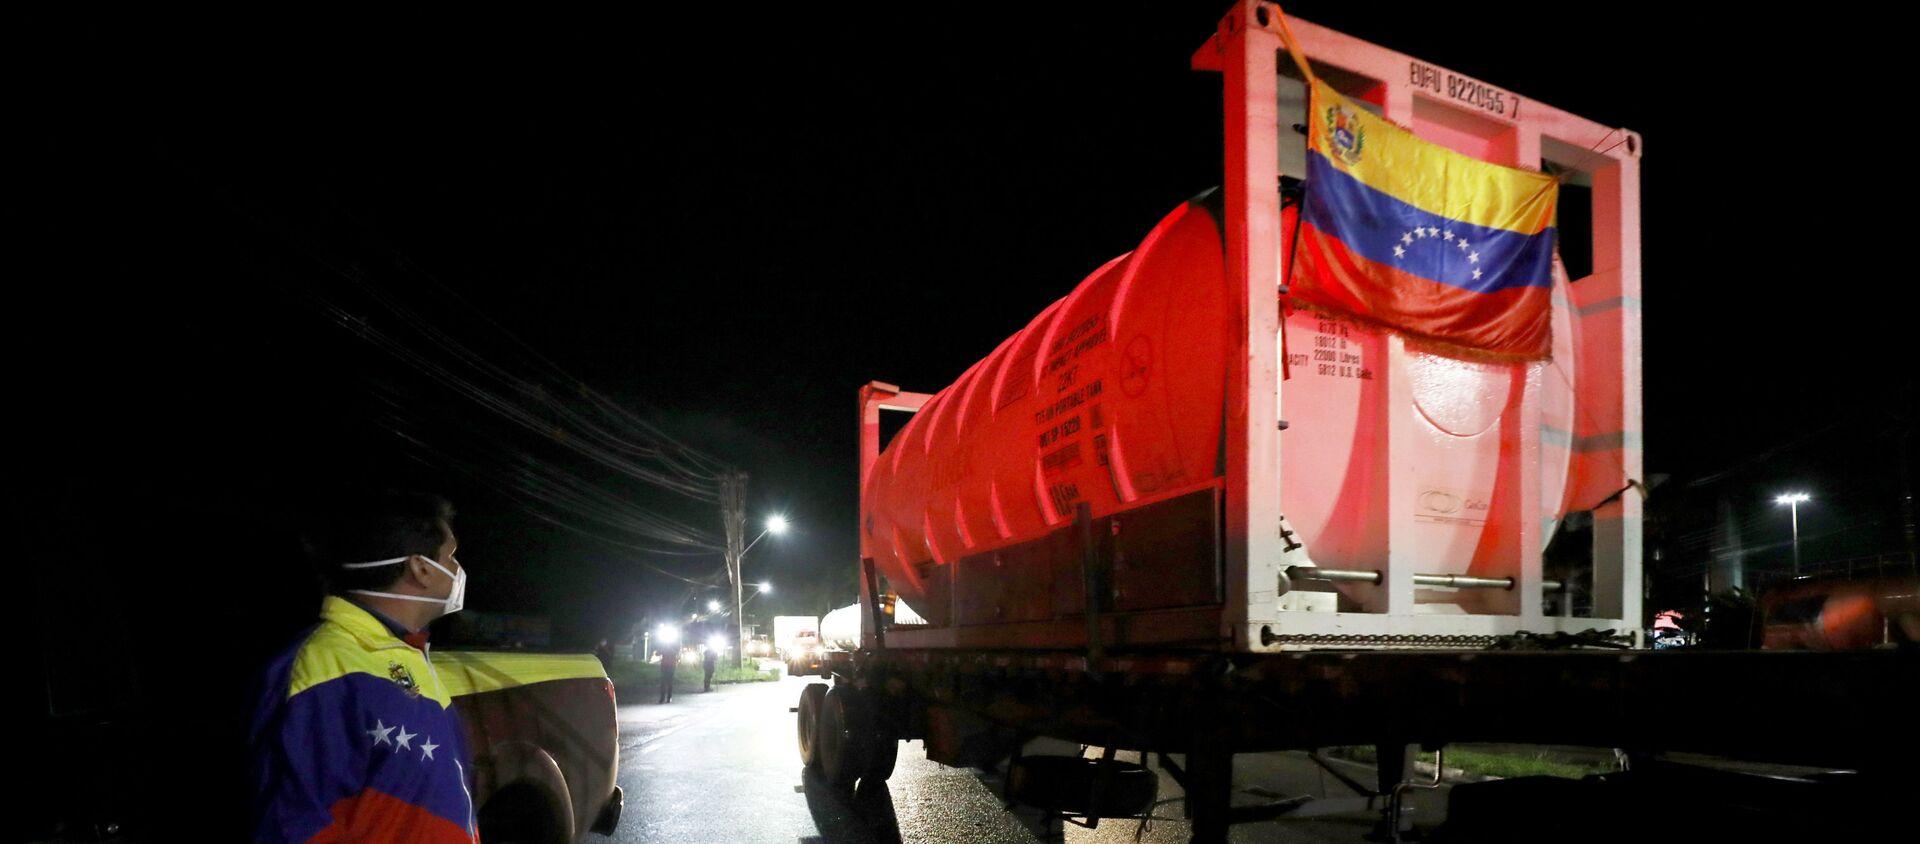 Camiones de oxígeno de Venezuela van a Manaos, Brasil - Sputnik Mundo, 1920, 29.01.2021